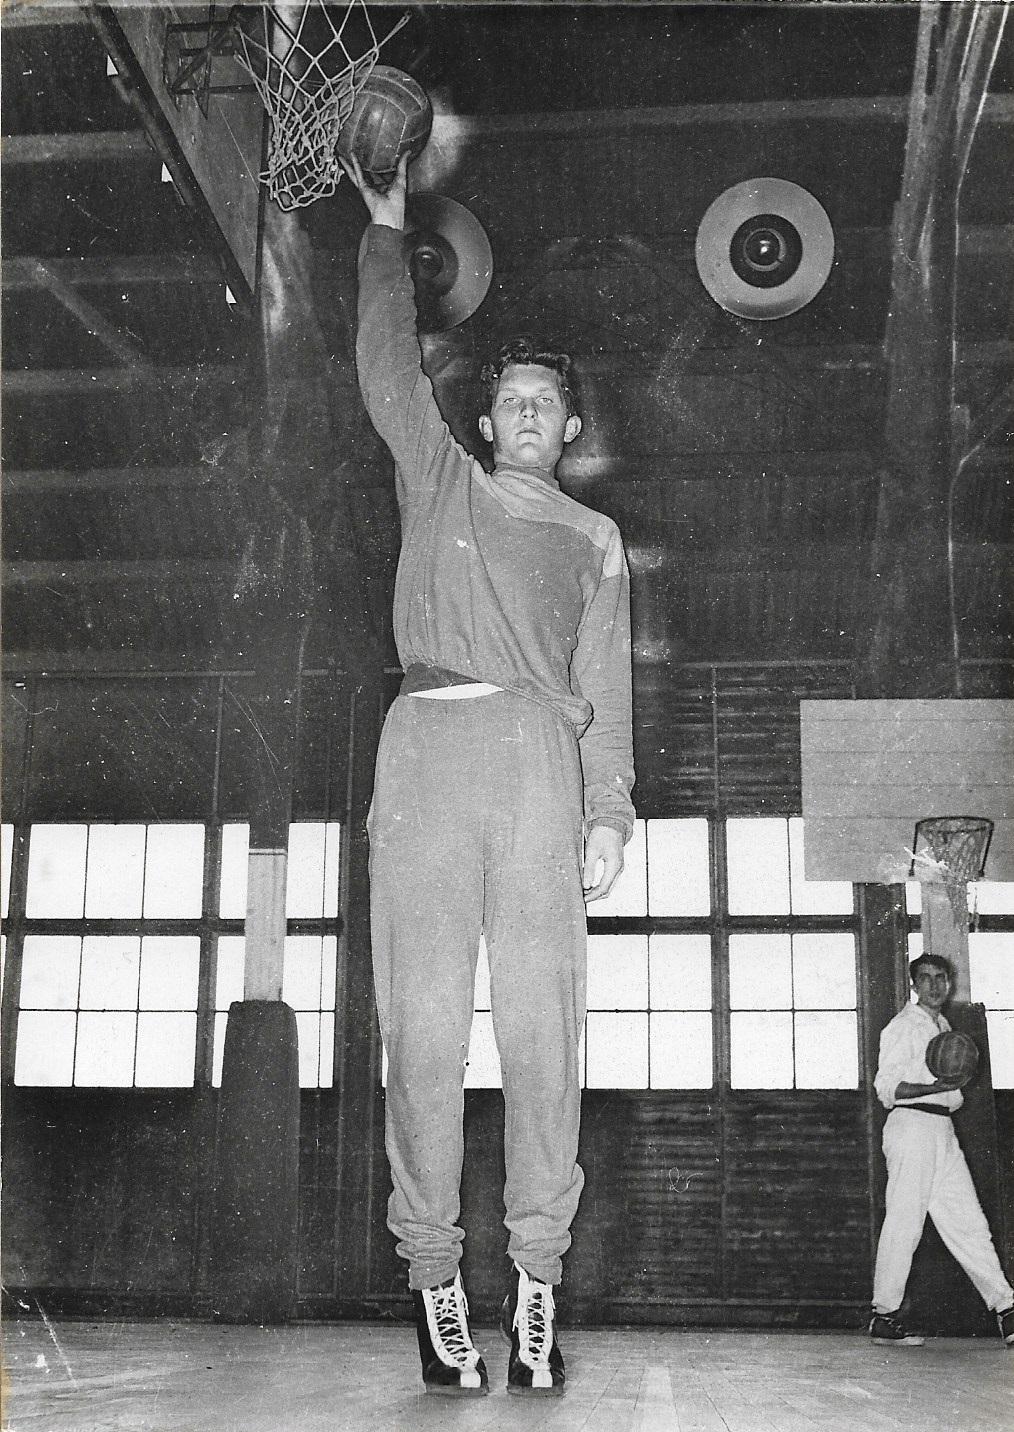 1955 05 19 JCL pose à l'entrainement (couv Equipe 2836 19 mai55)